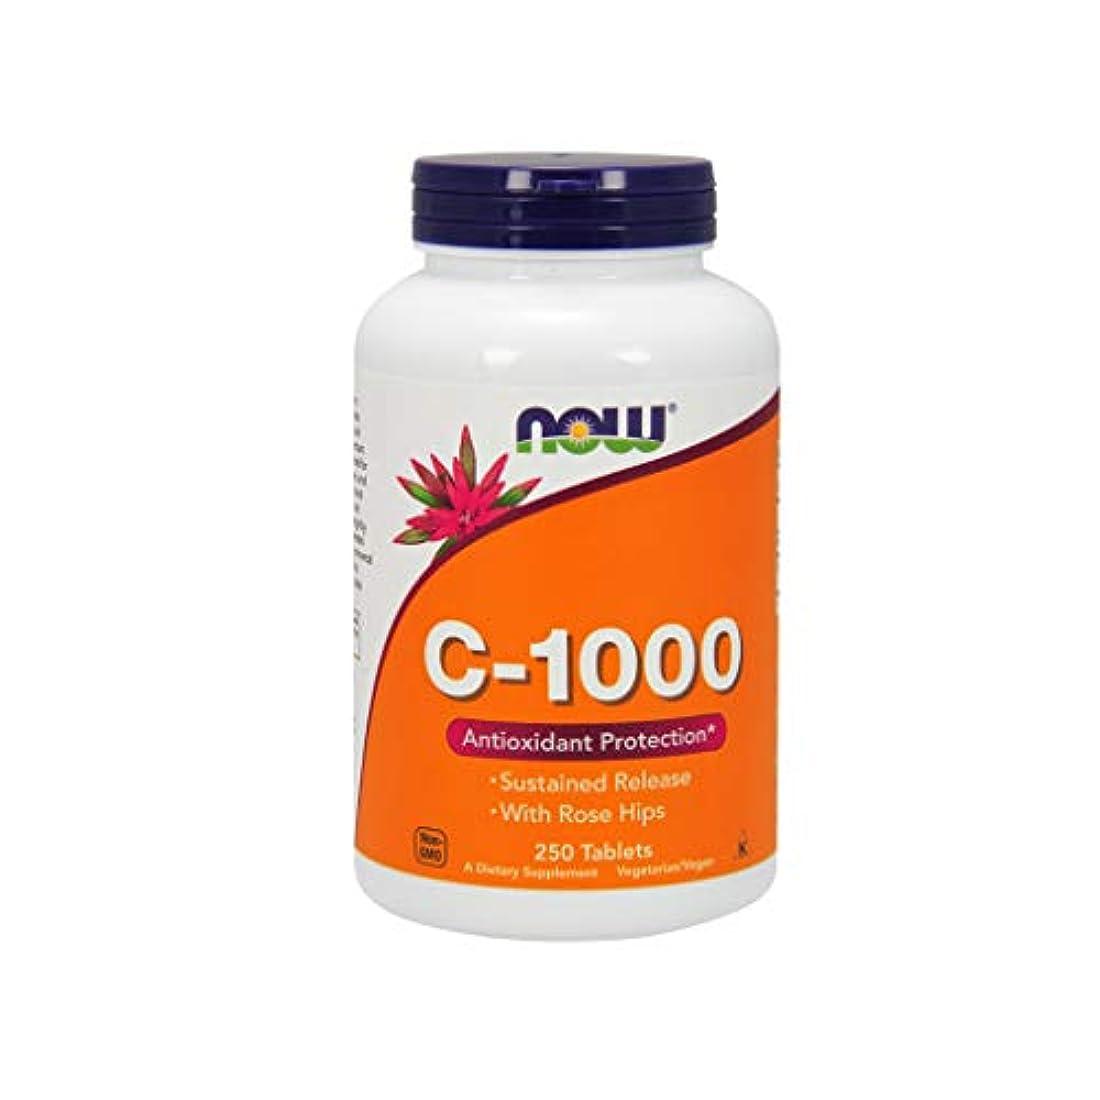 本能必要ない強風[海外直送品] ナウフーズ  - バラの実が付いているビタミンC1000の時間解放 - 250錠剤